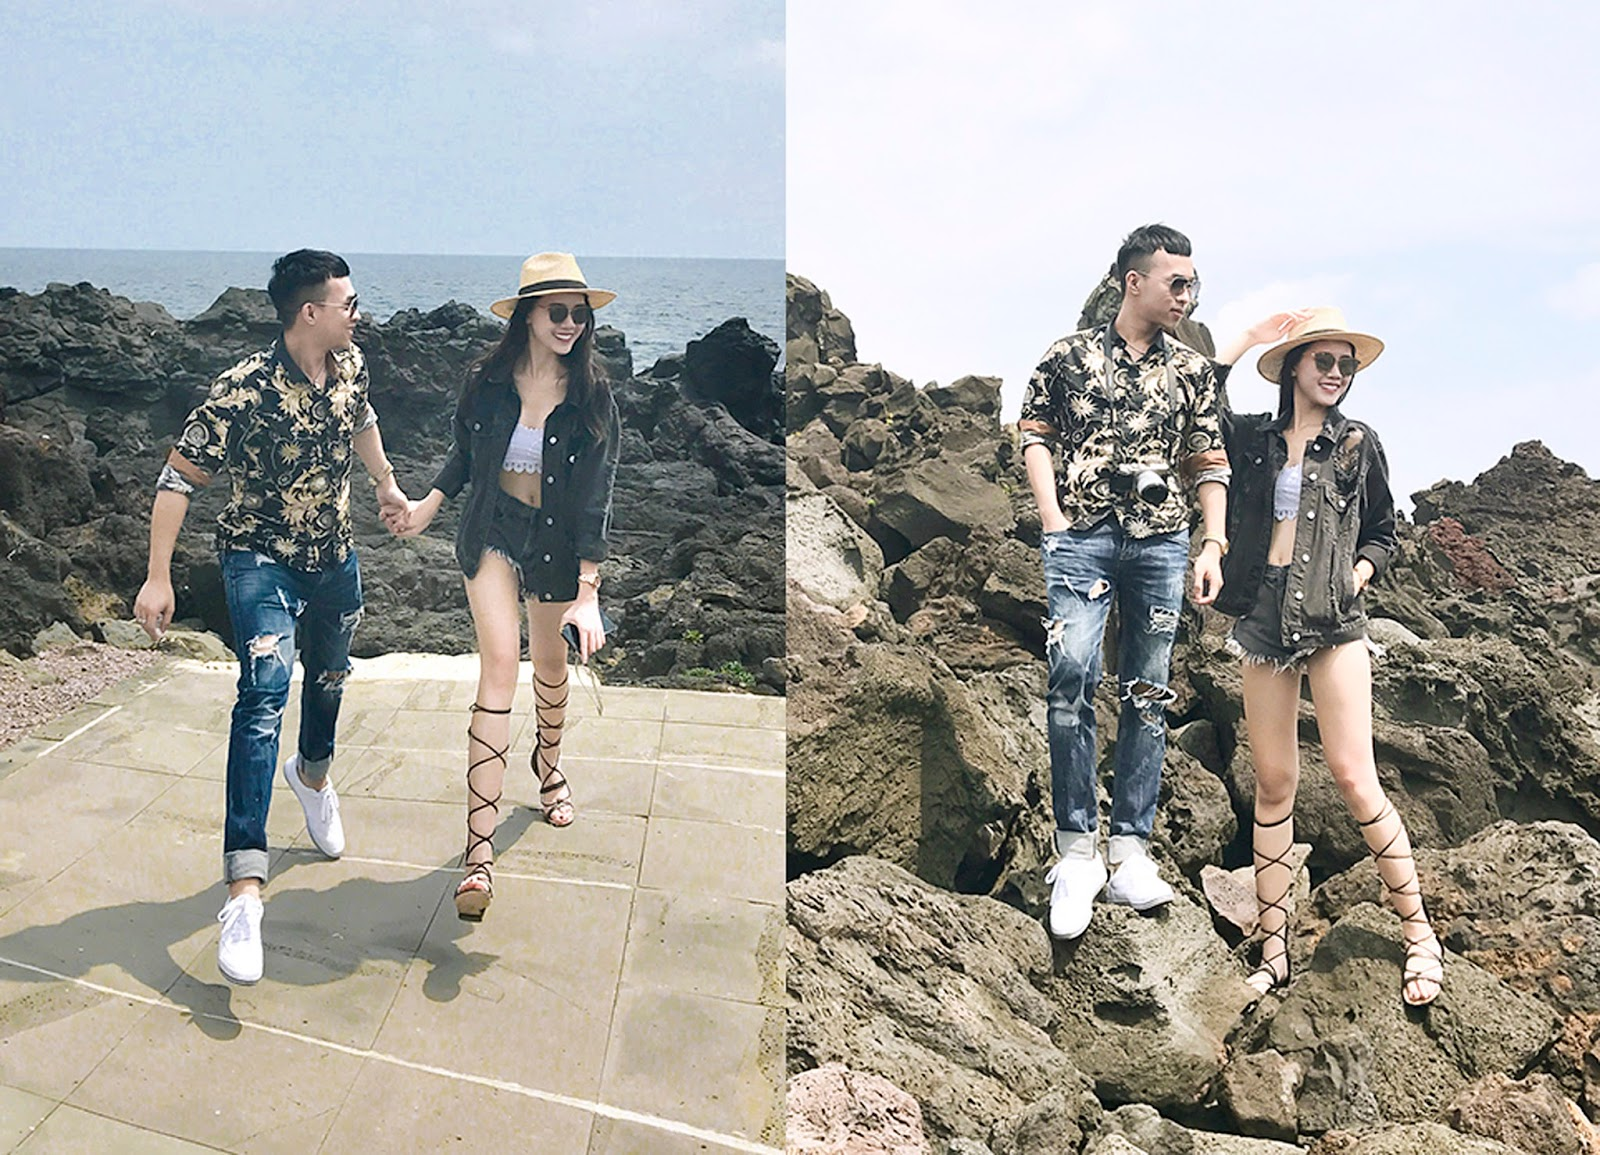 ... cặp đôi này trên trang cá nhân với chuyến du lịch 6 ngày 5 đêm tại Hàn Quốc với những hình ảnh đẹp lung linh, khách sạn hạng sang tại nơi này.